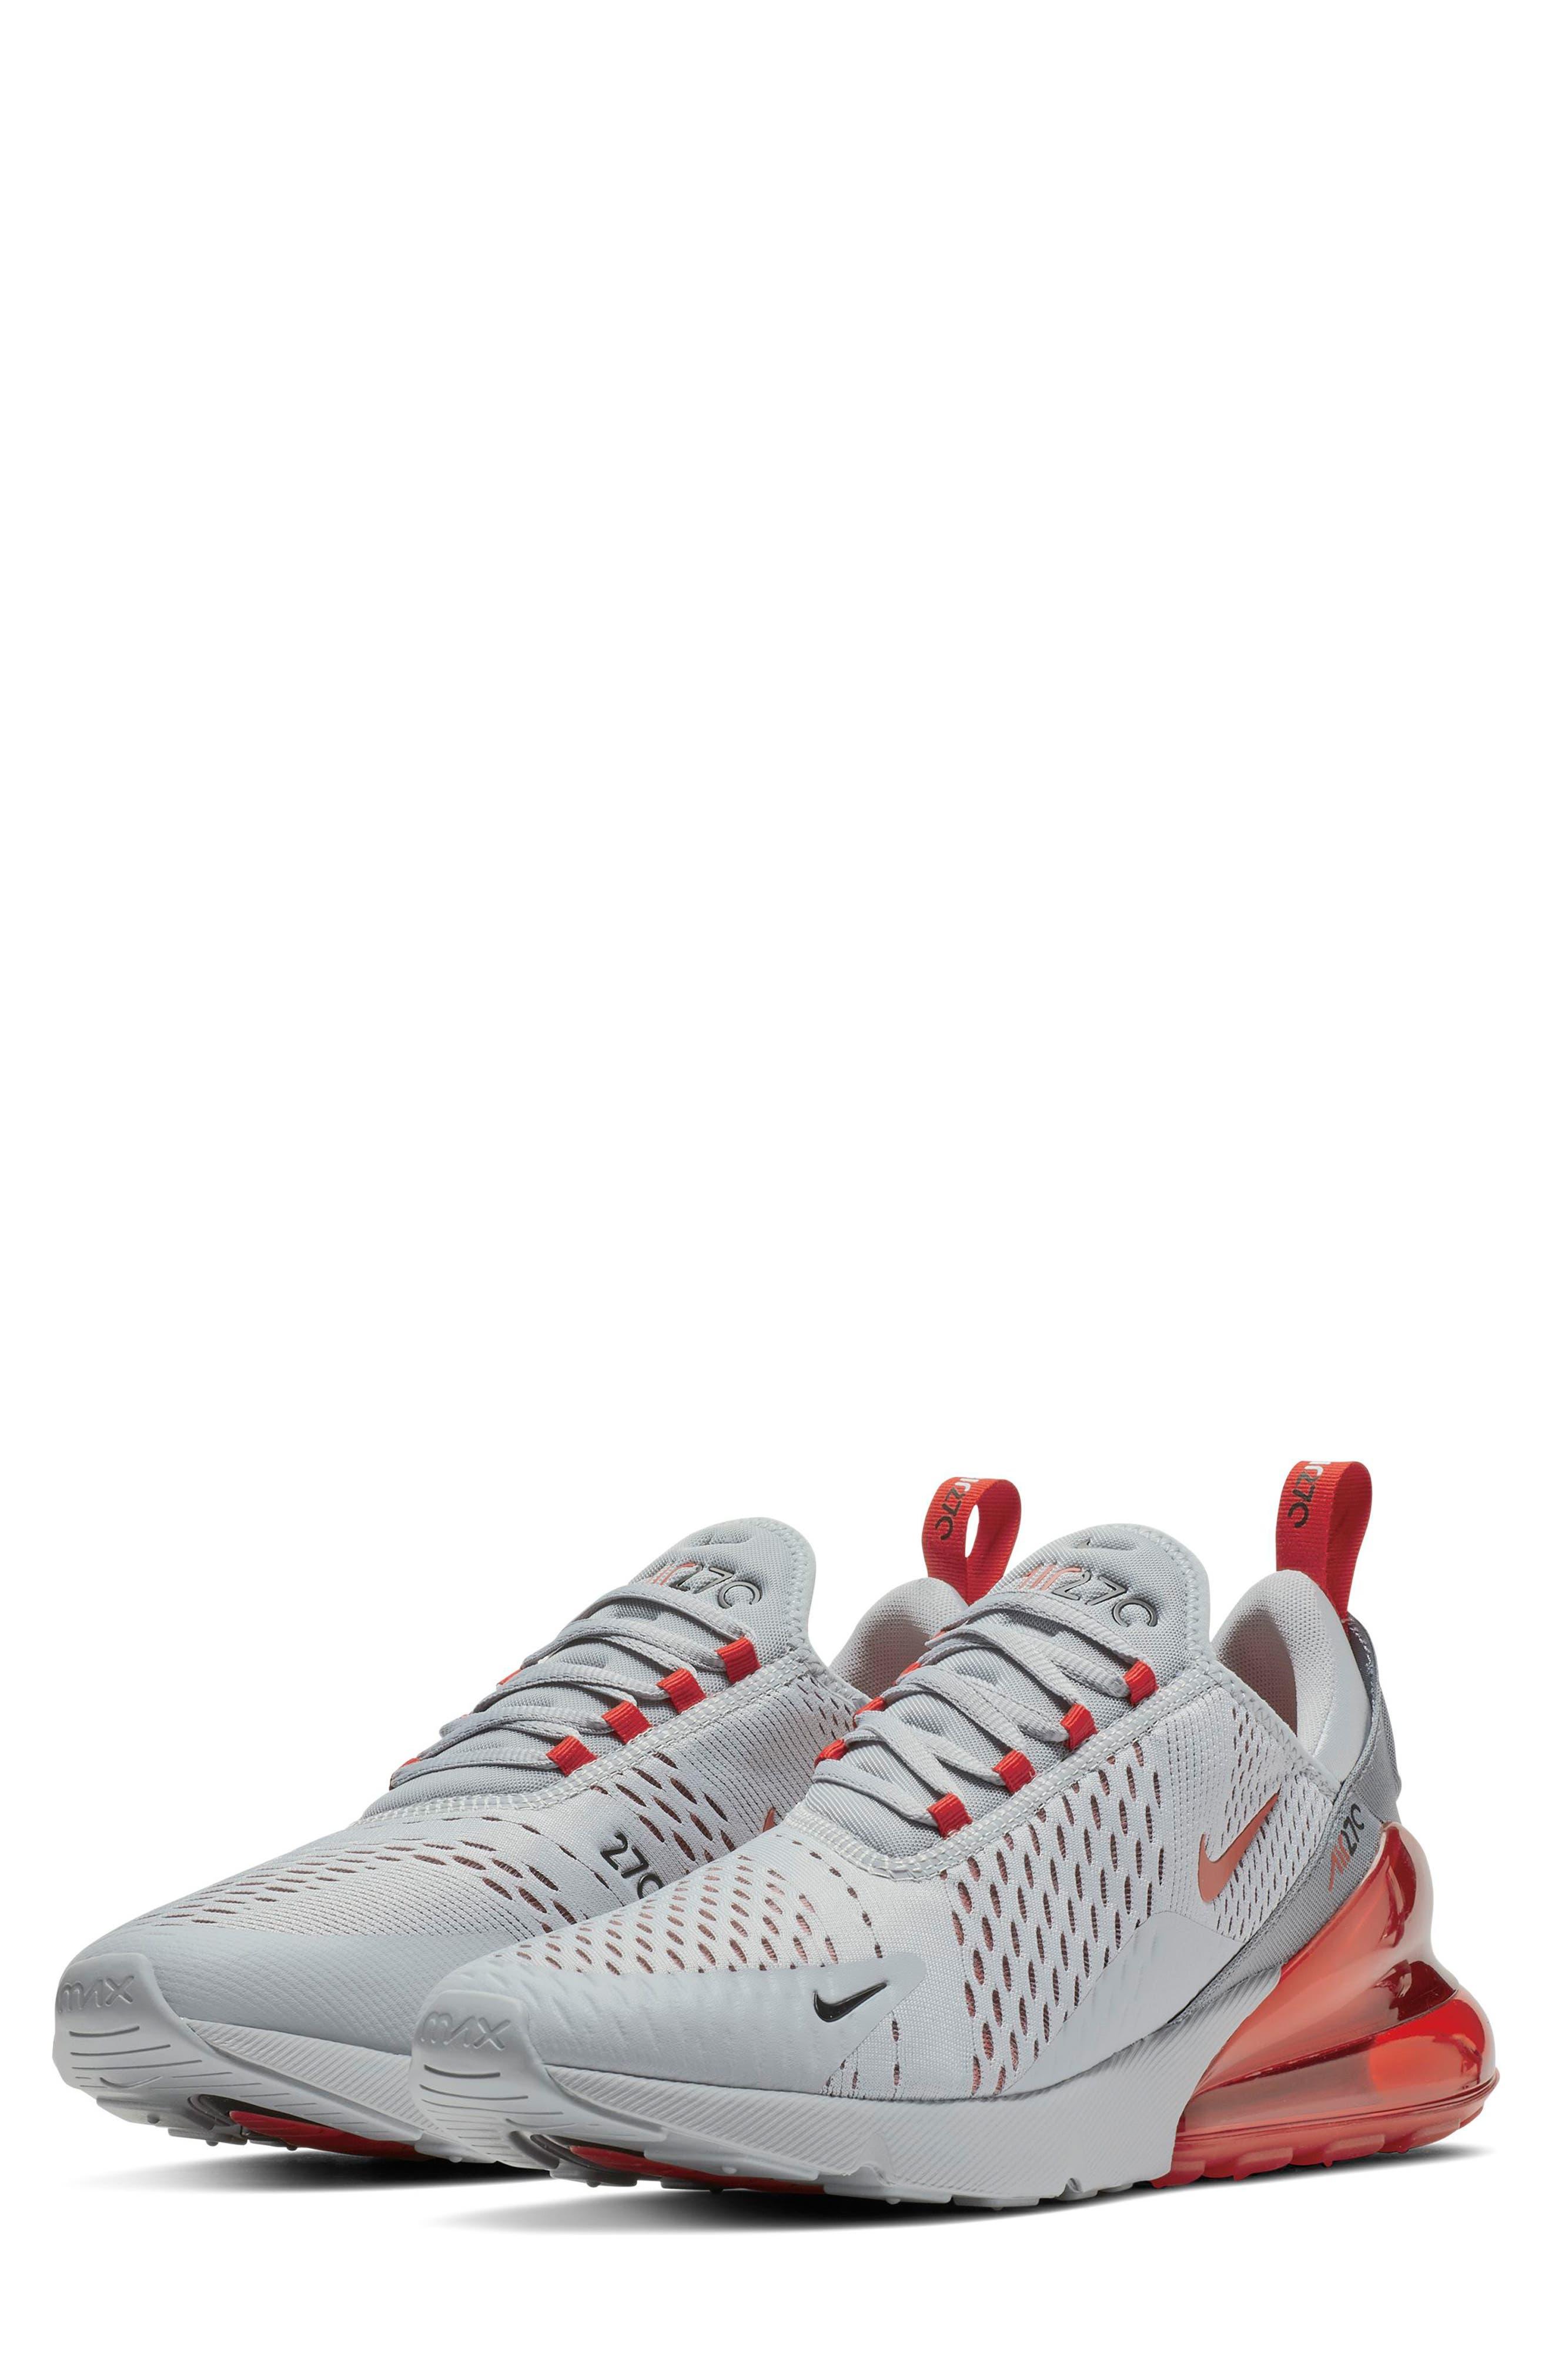 NIKE Air Max 270 Sneaker, Main, color, 025